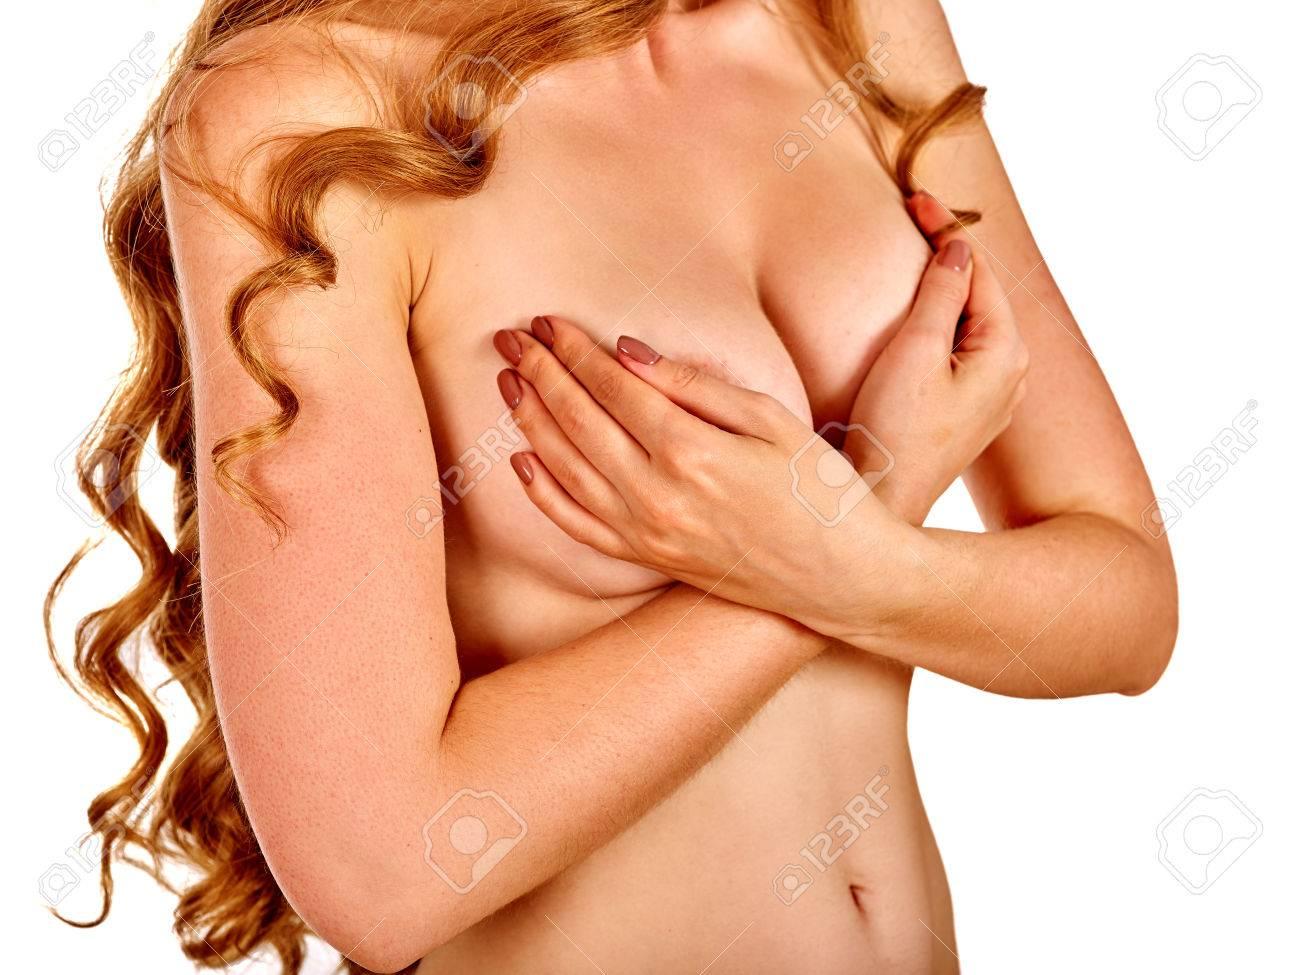 sapone massaggio video di sesso